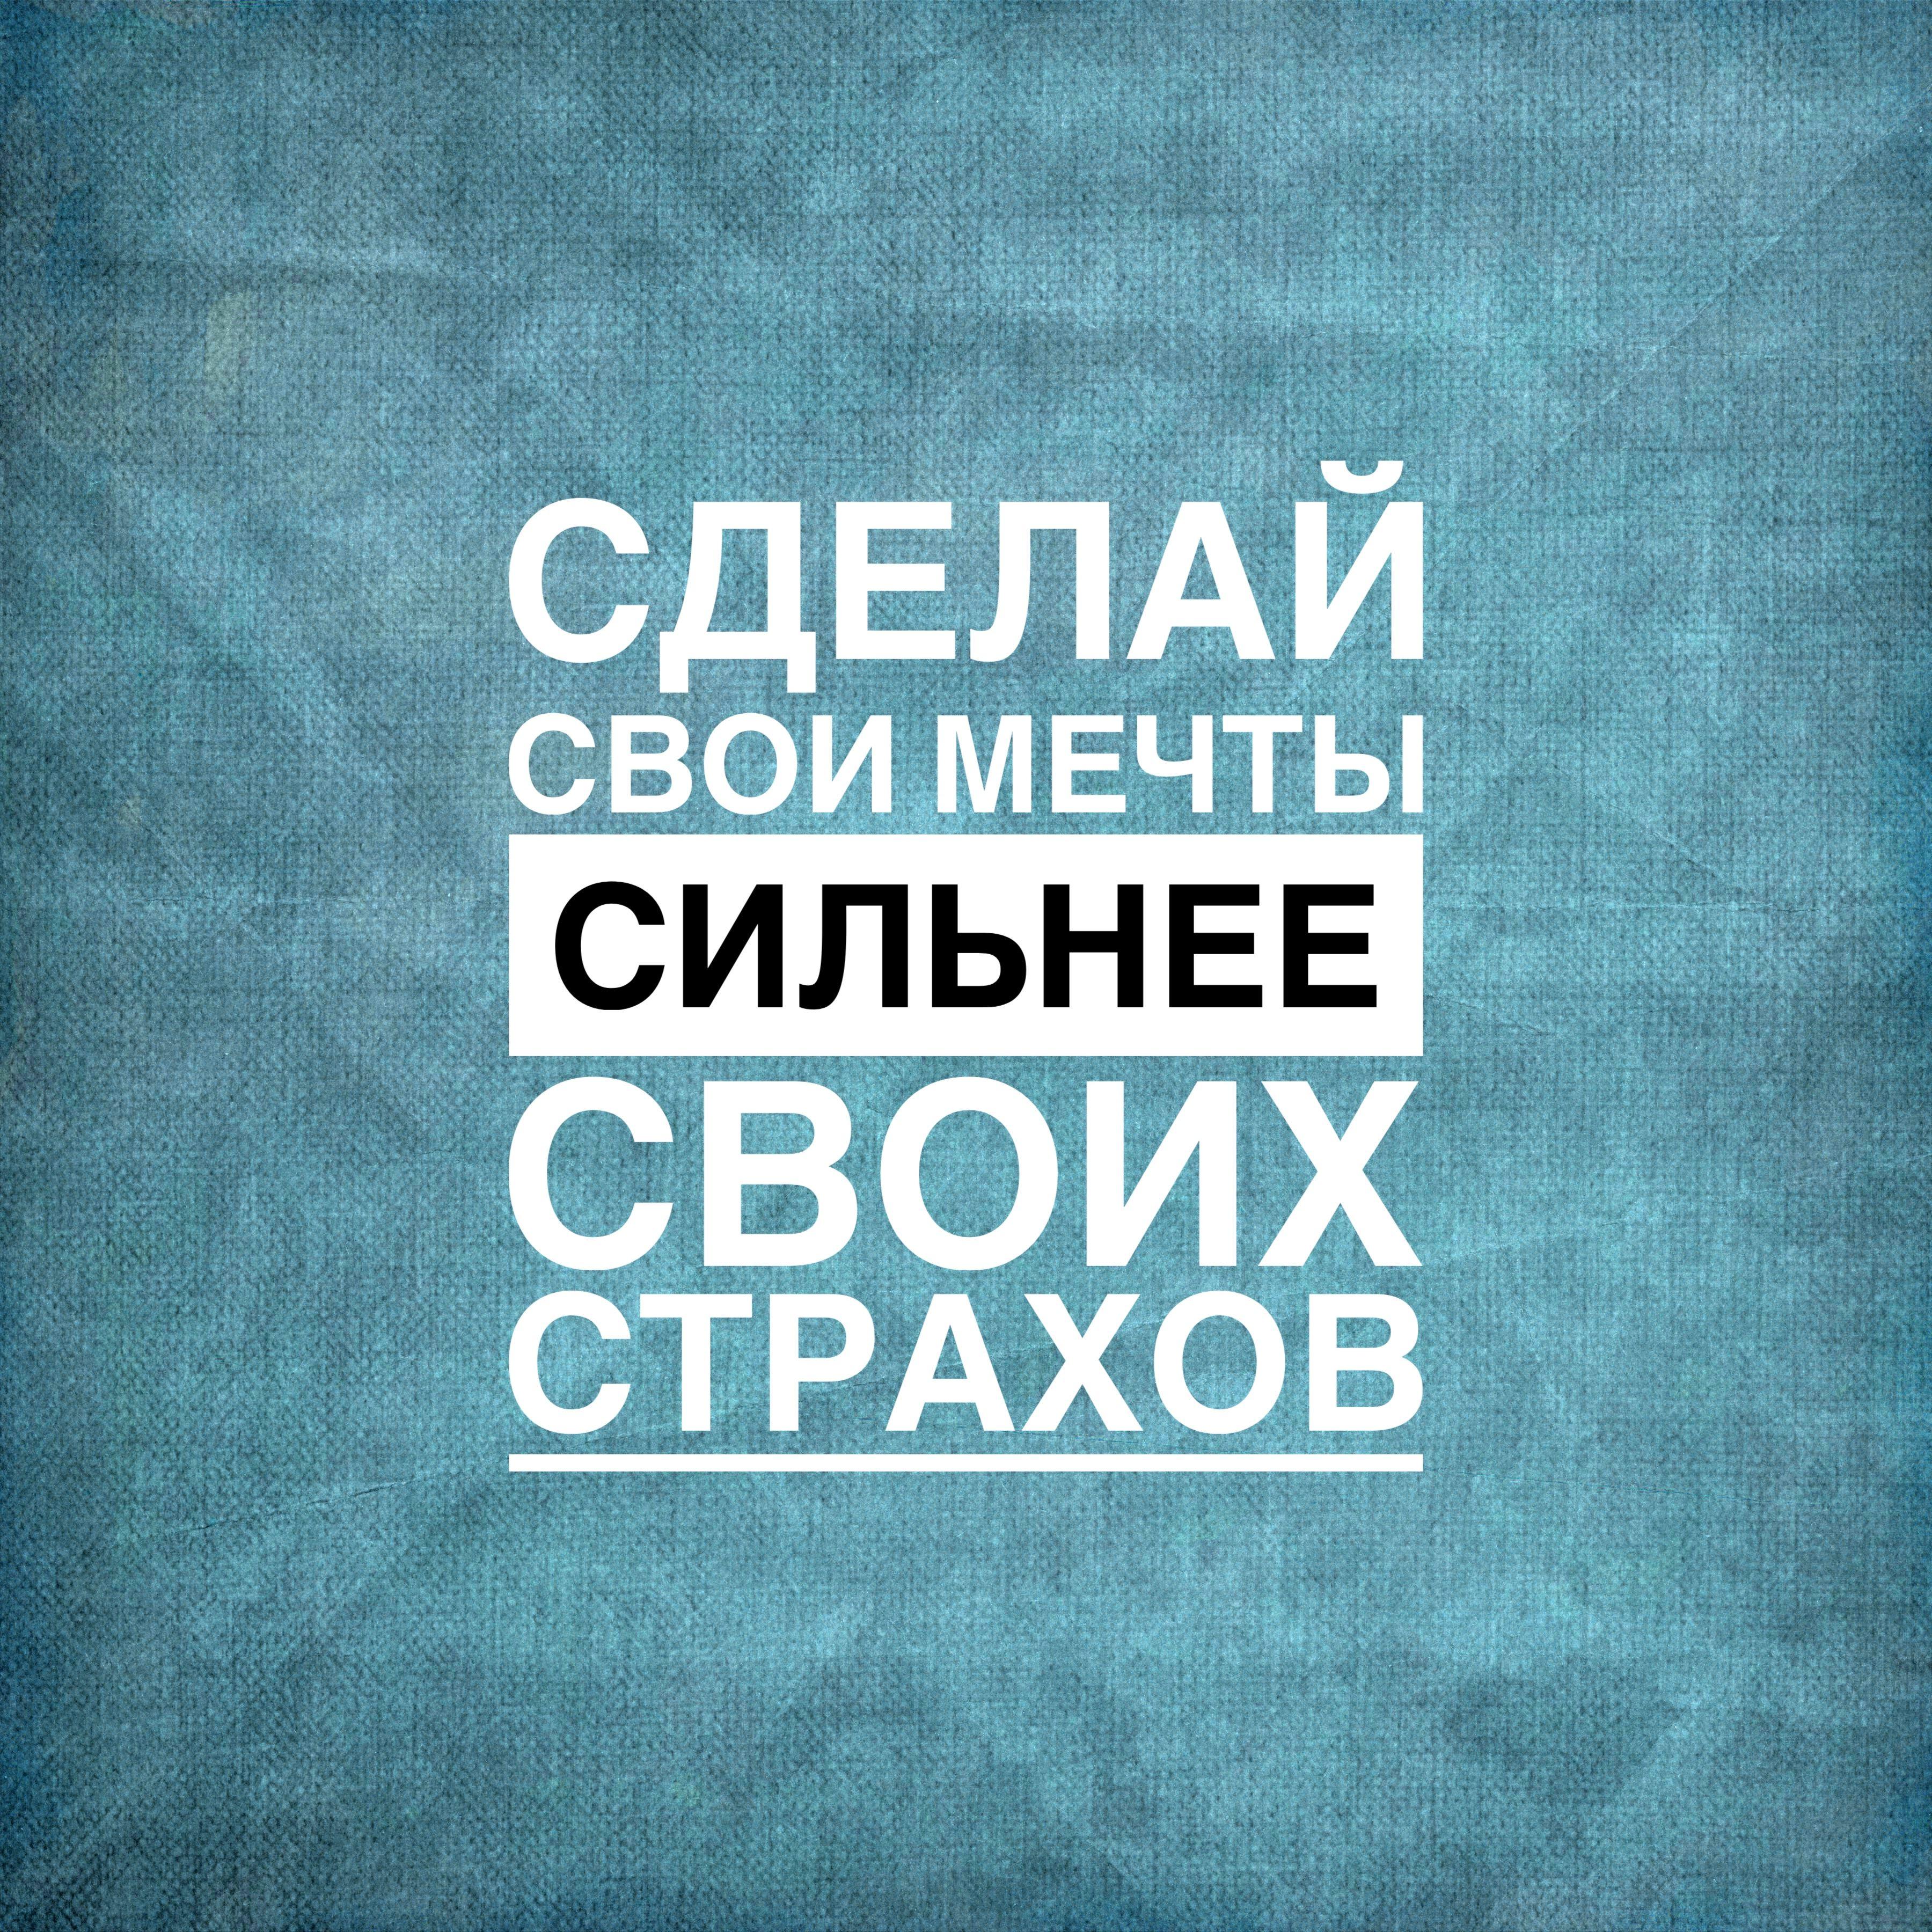 Мотивация в картинках с цитатами на успех лучшая подборка, прикольные